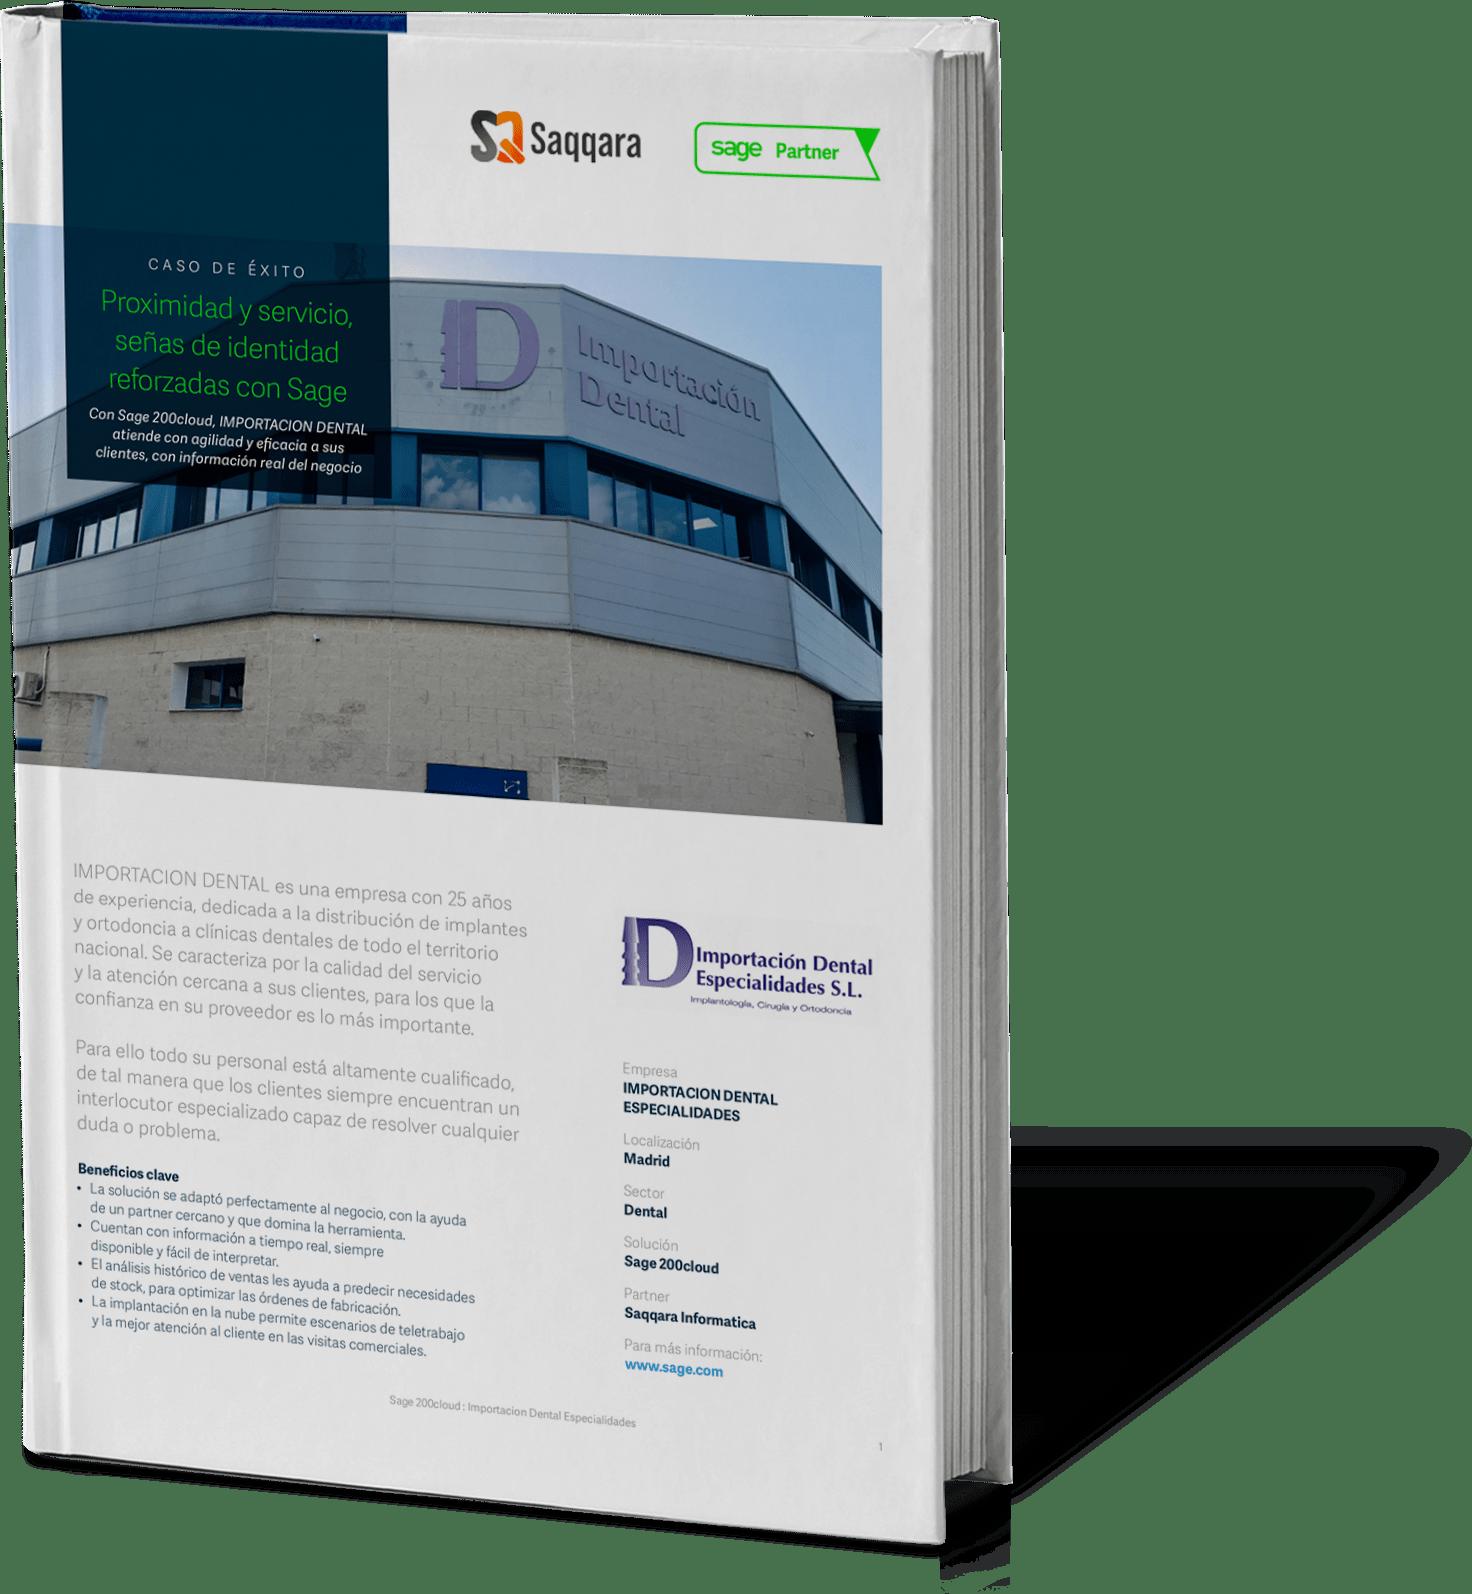 saqqara-web-ebook-caso-exito-importacion-dental